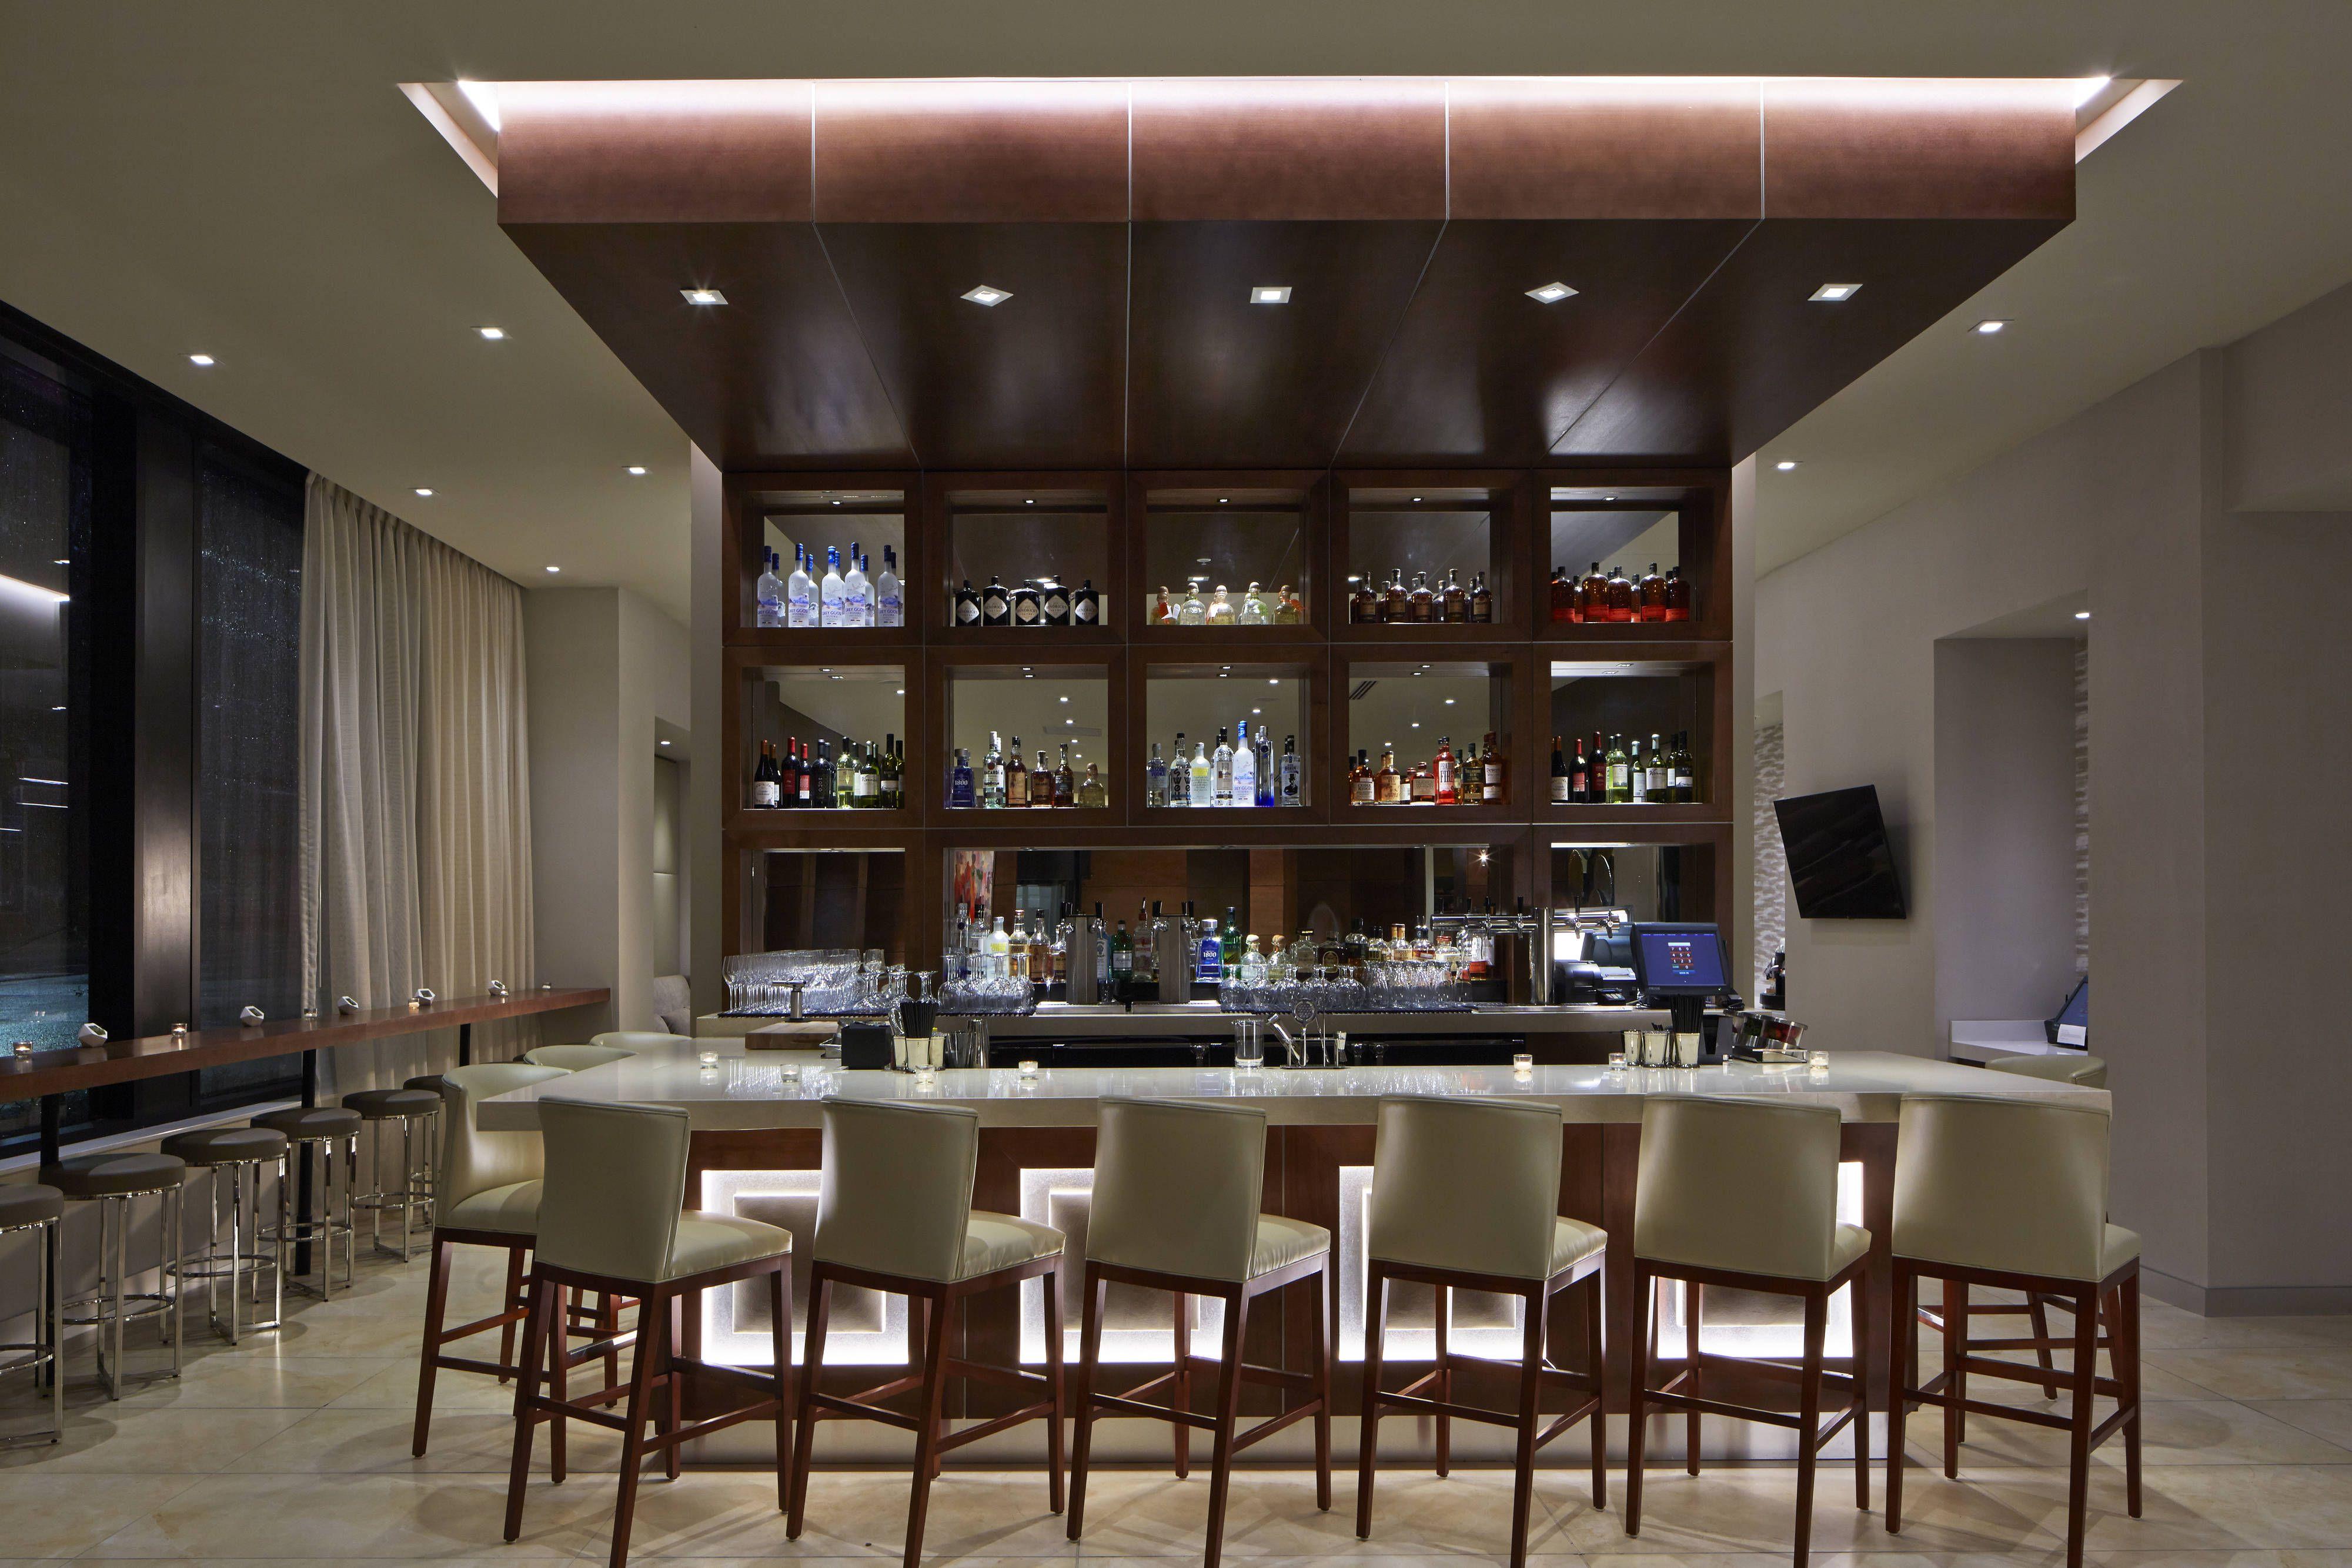 Ac Hotel Des Moines East Village Ac Bar Enjoying Happy